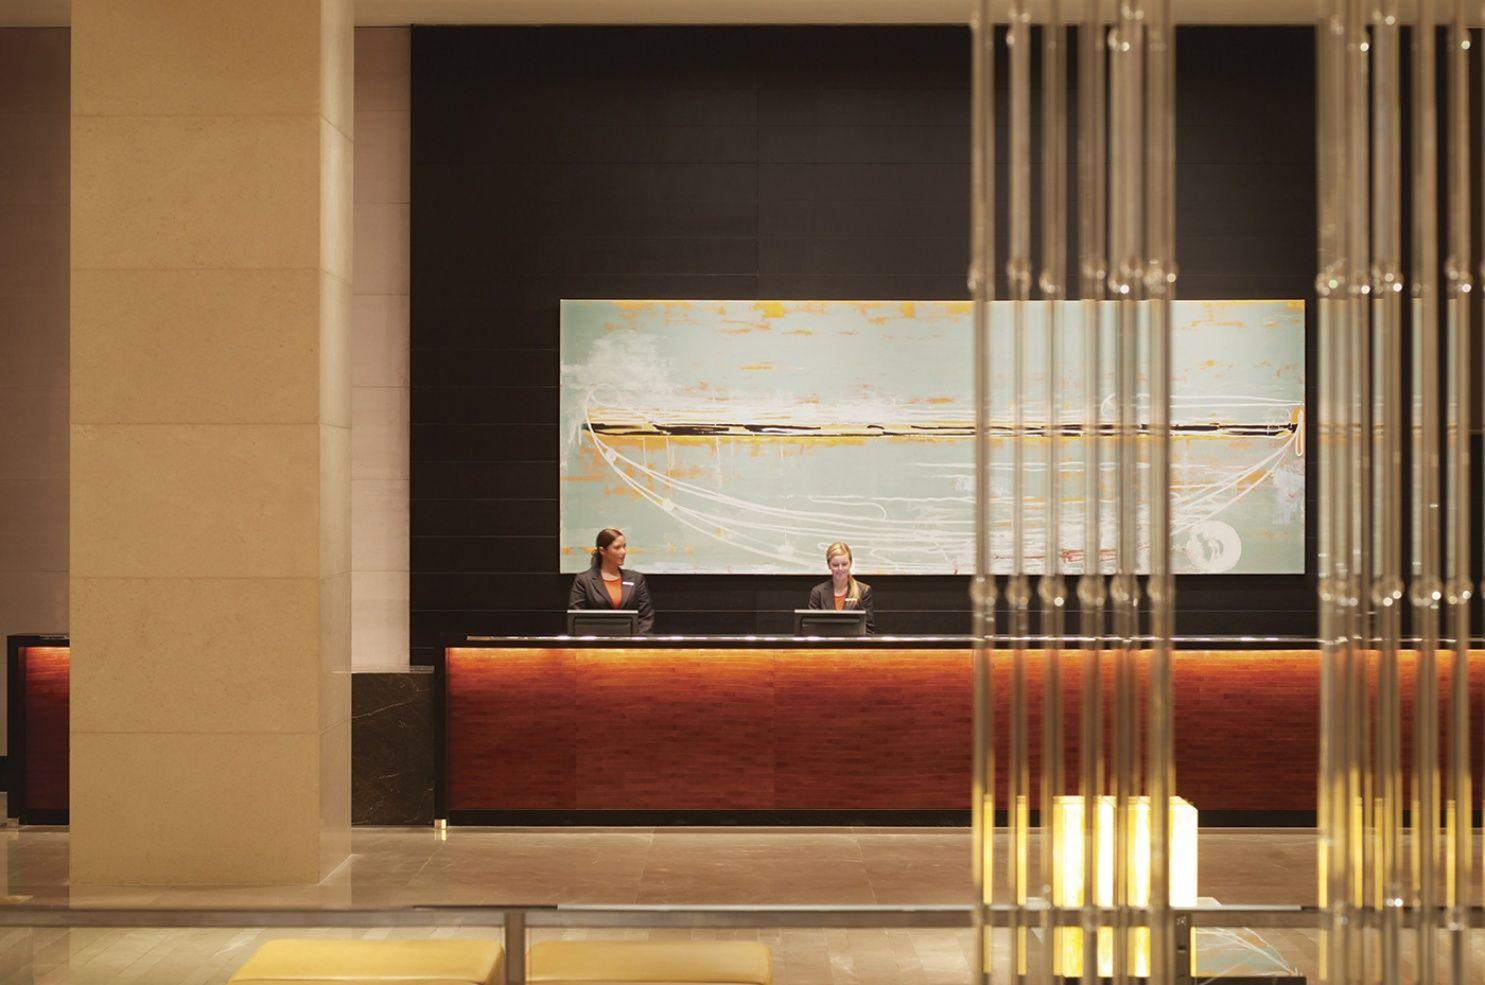 Grand Hyatt Melbourne Foyer : Barstudio grand hyatt melbourne pinterest